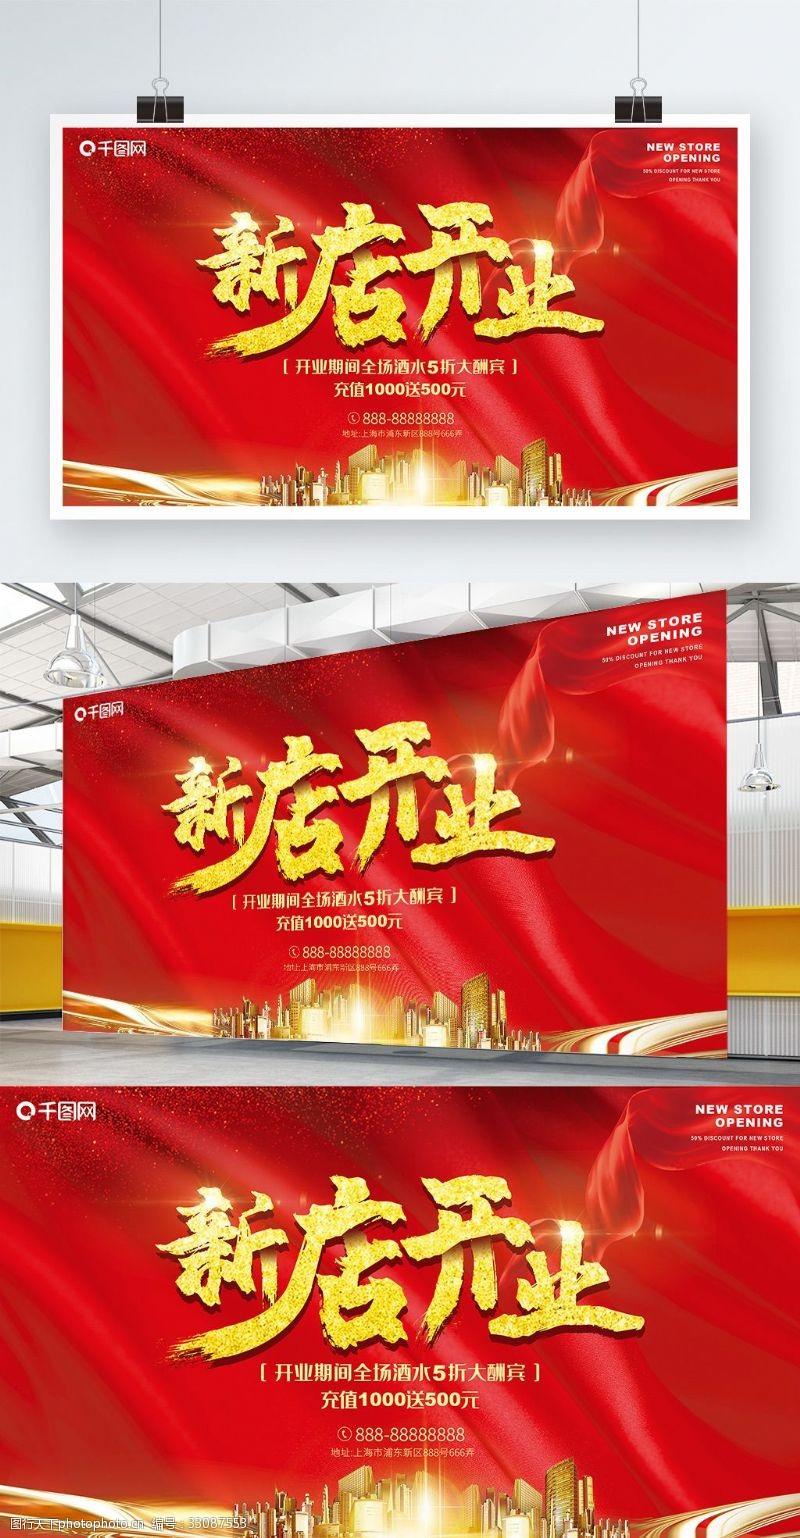 开张海报红色喜庆新店开业海报开张展板